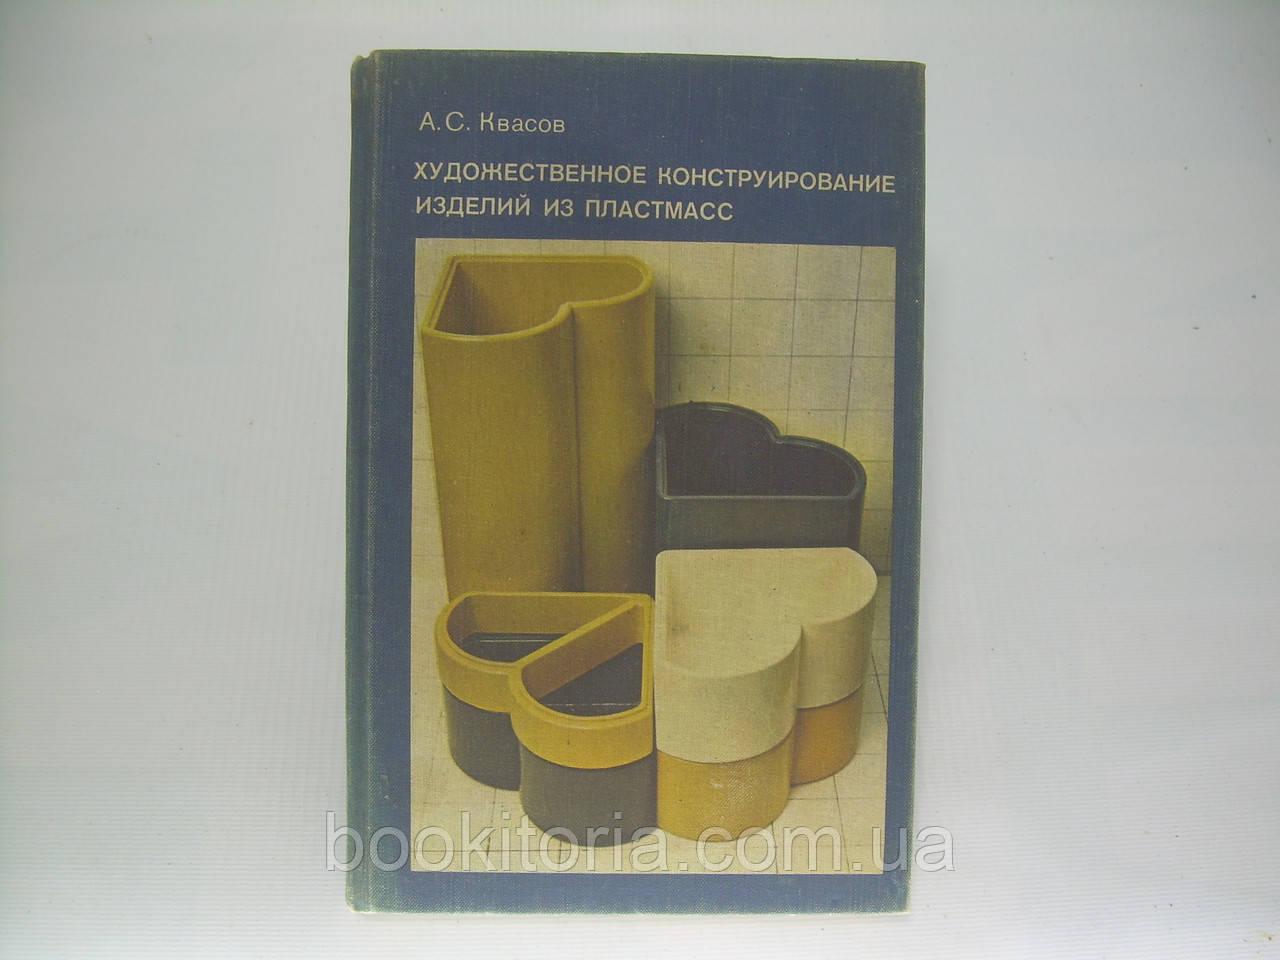 Квасов А.С. художественное конструирование изделий из пластмасс (б/у)., фото 1